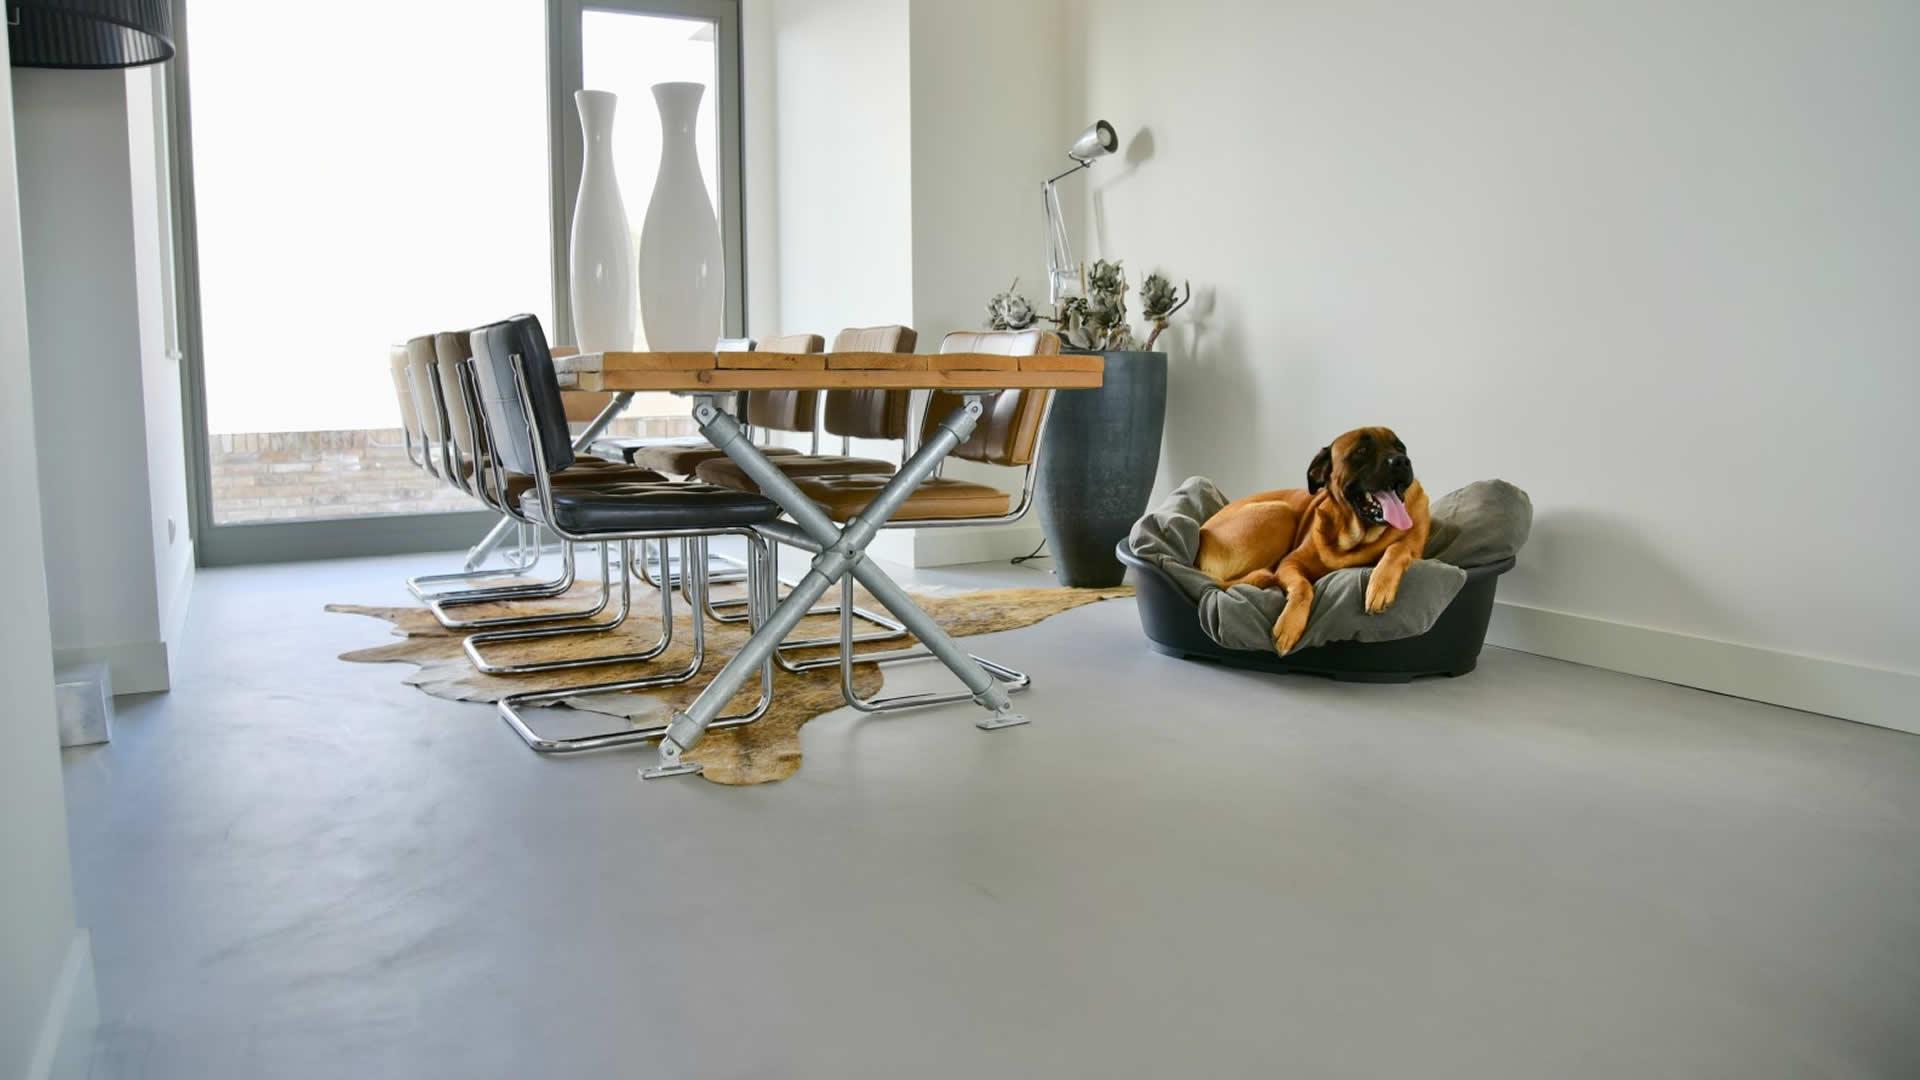 Beton De Luxe: hochwertigen Betonlook mit Beton ciré